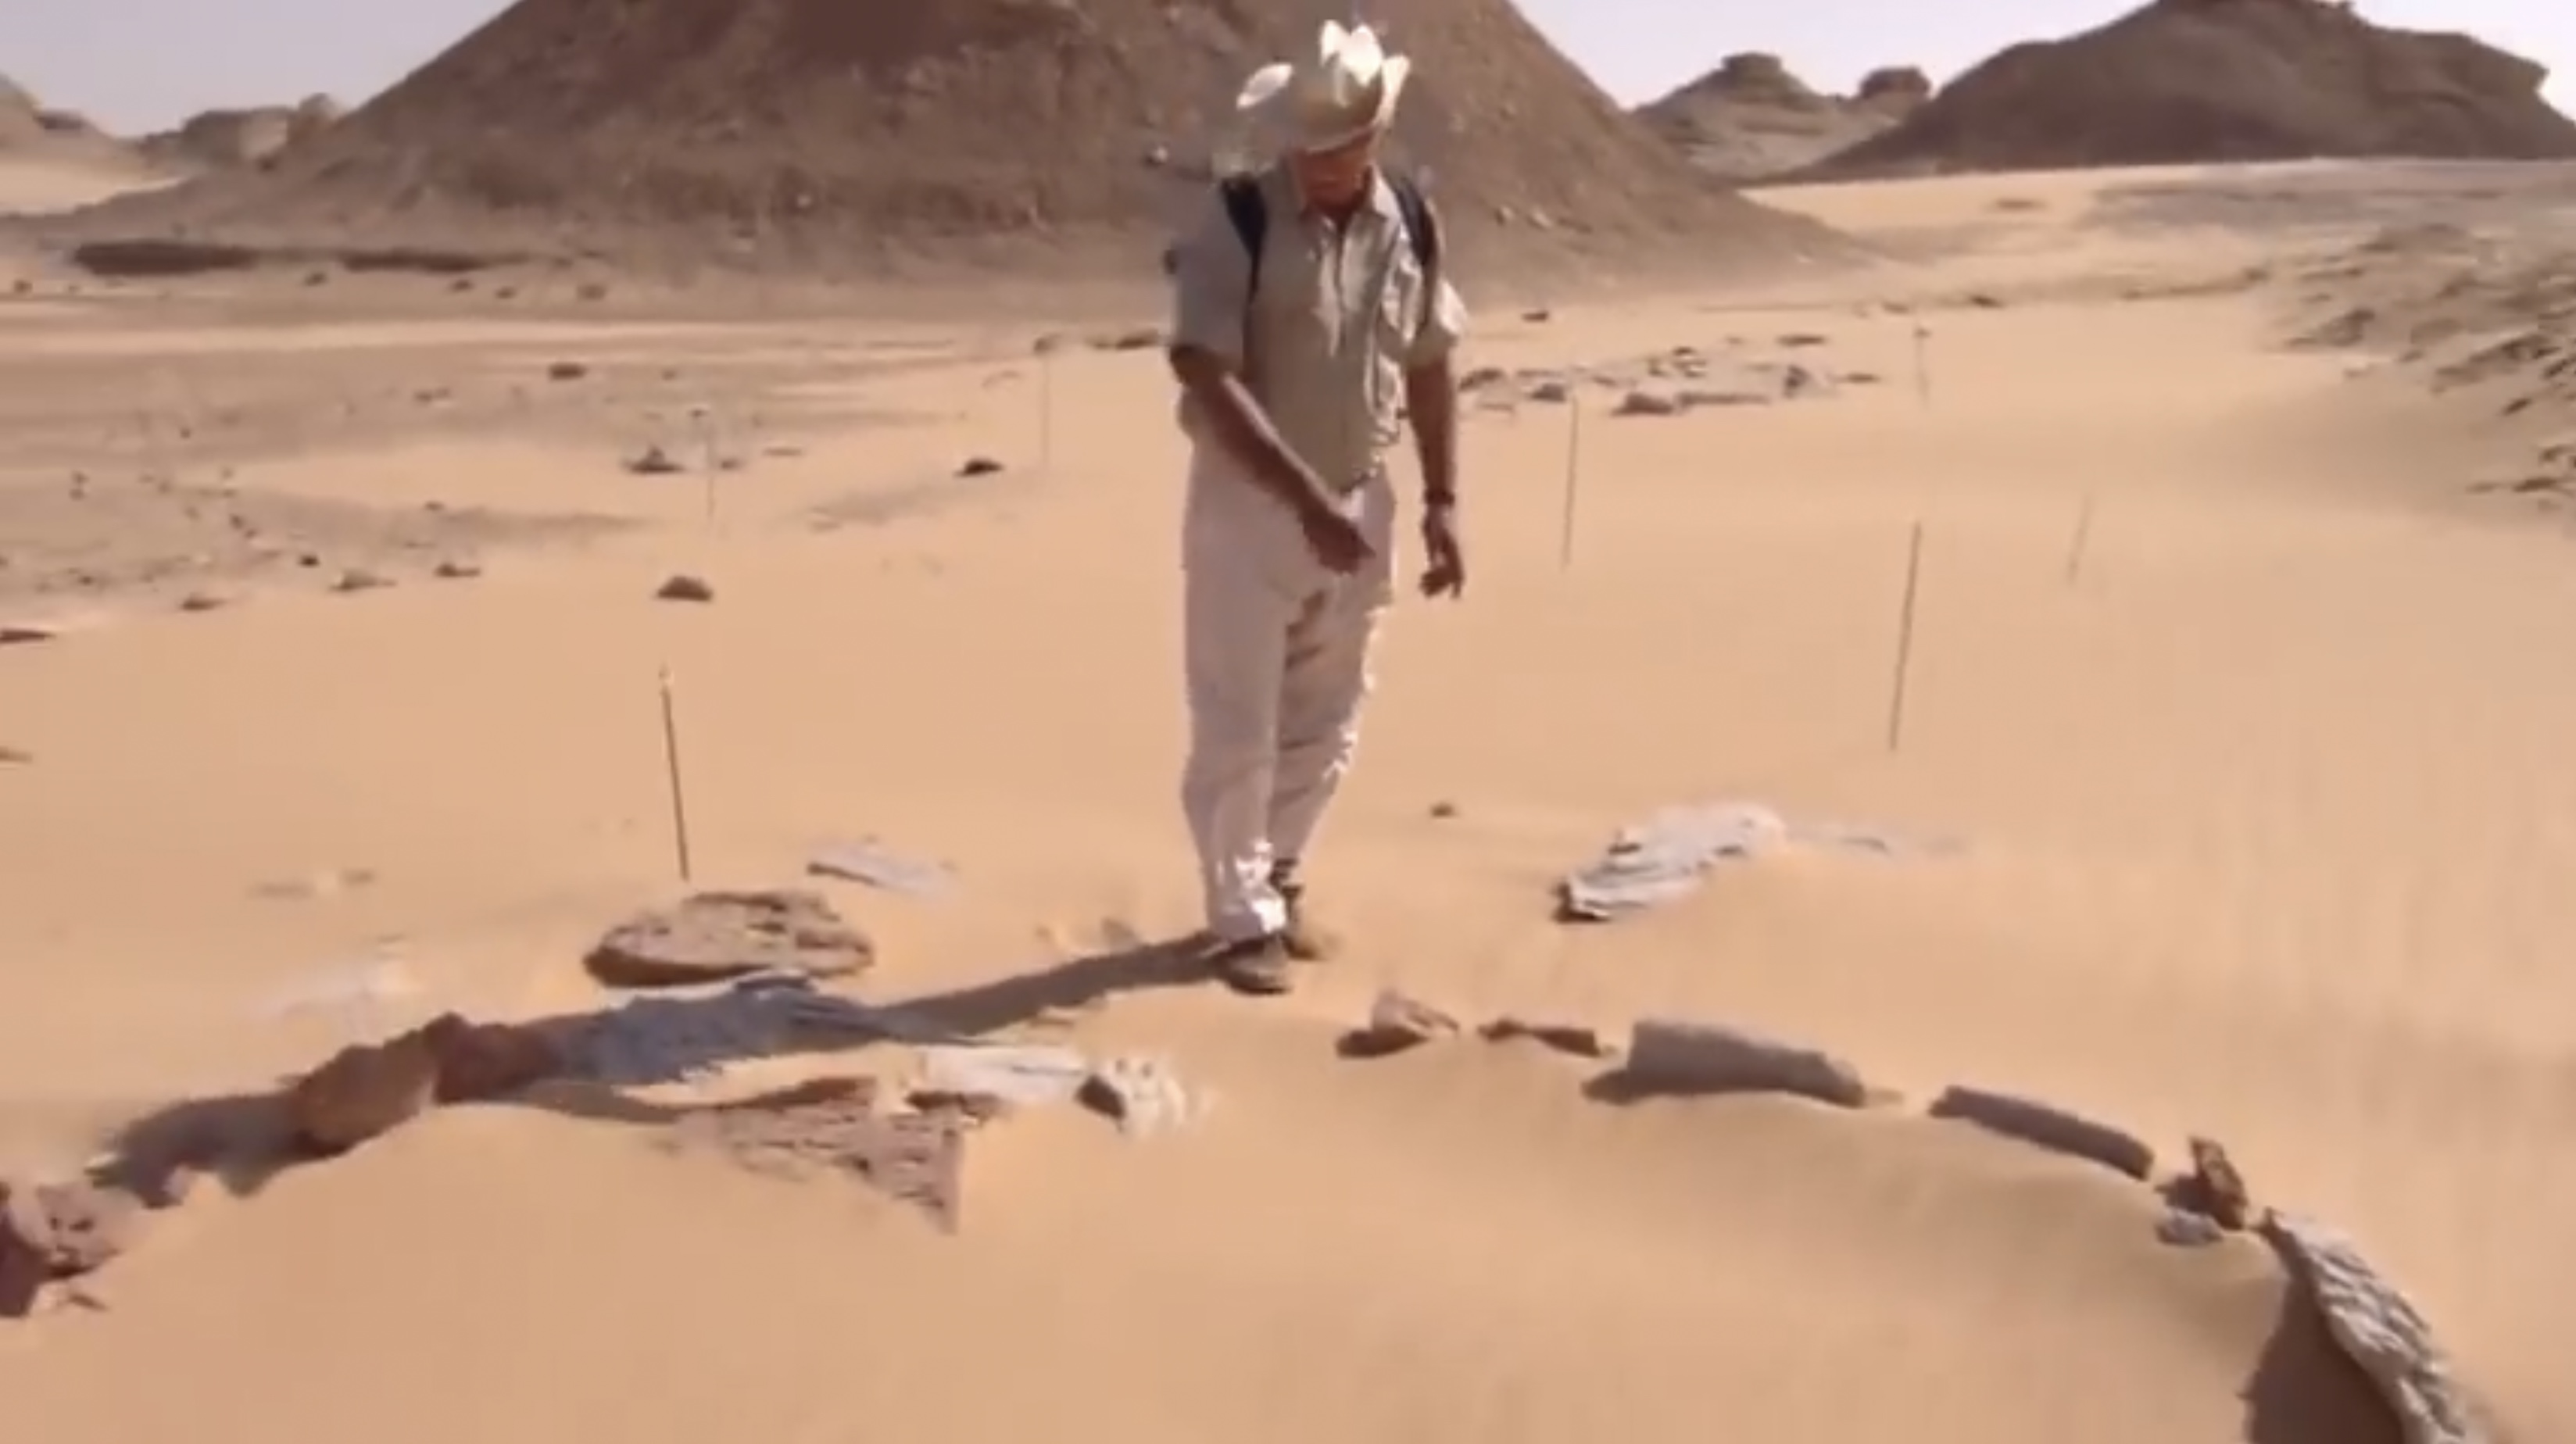 Ученые из университета восточной Англии обнаружили на территории Западной Сахары следы следы погибшей цивилизации.